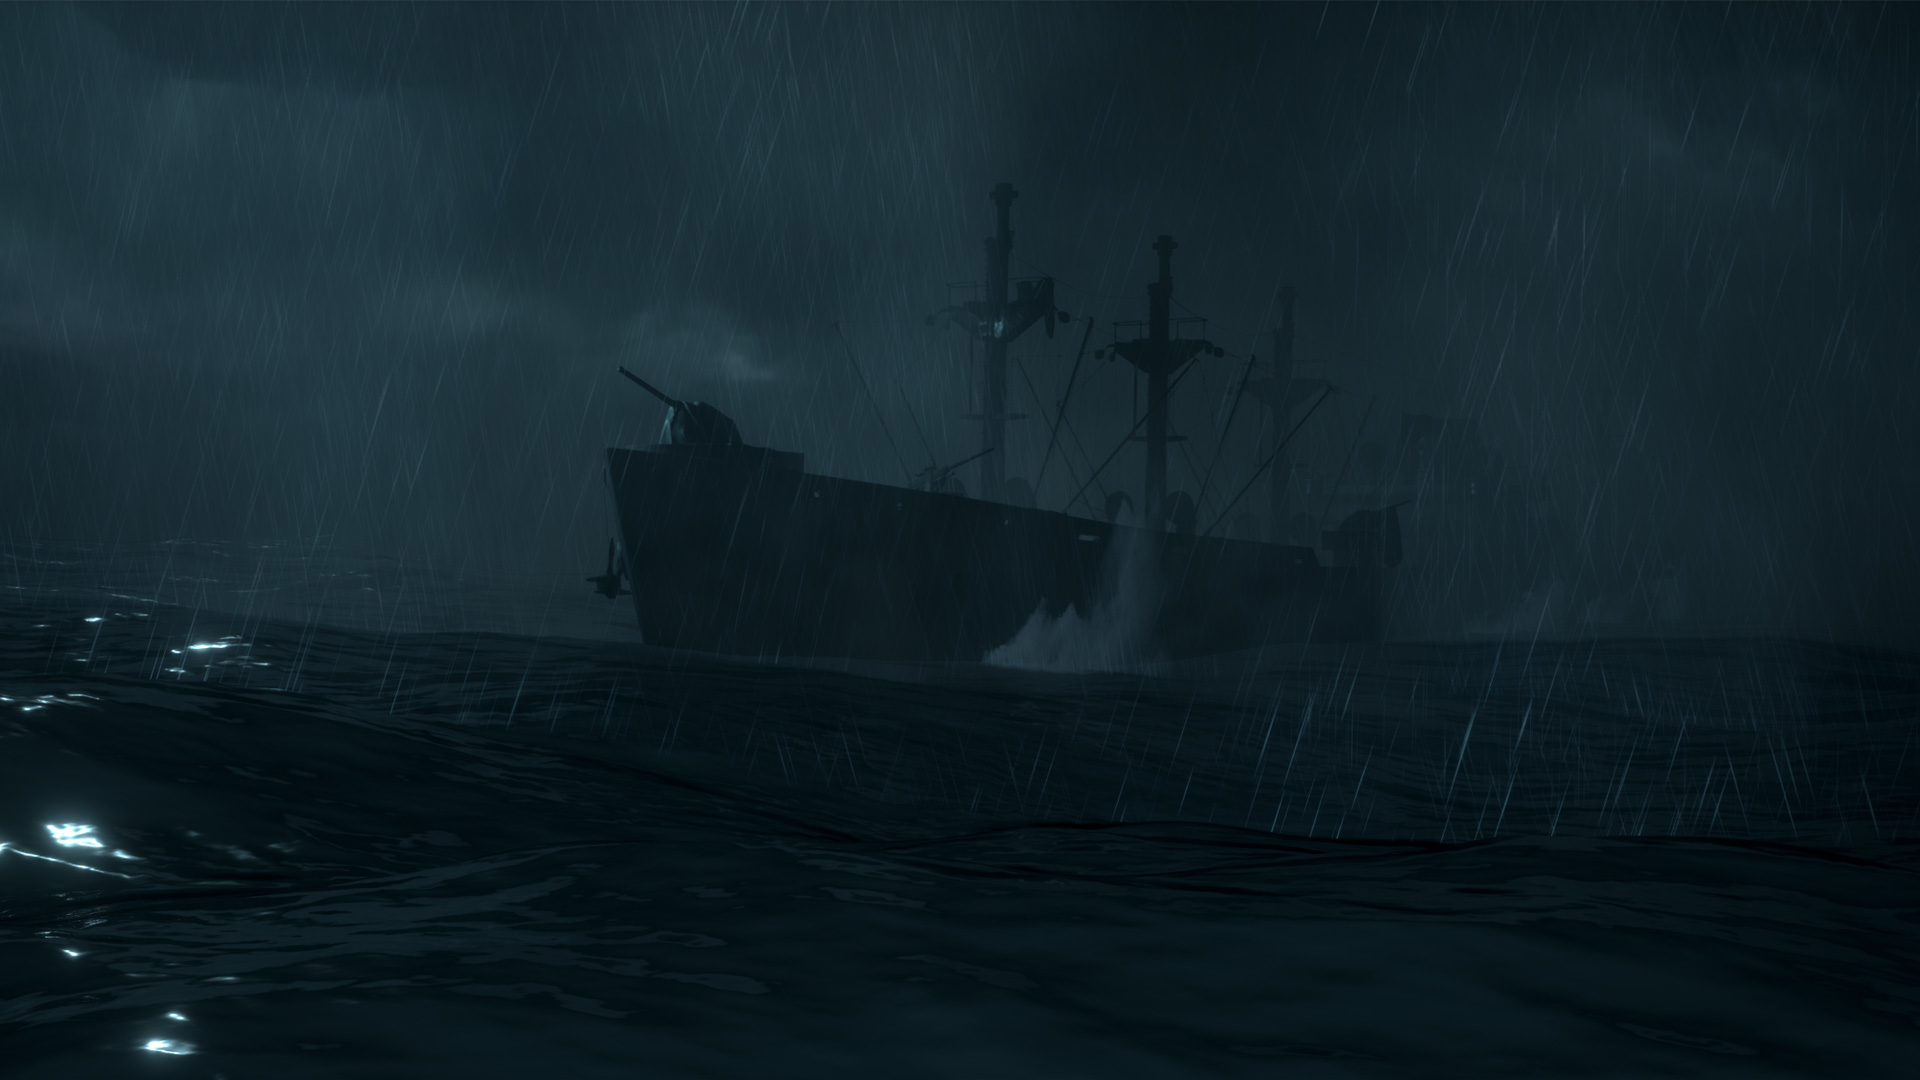 《黑相集:棉兰号》相片朴素的航海画位置一览